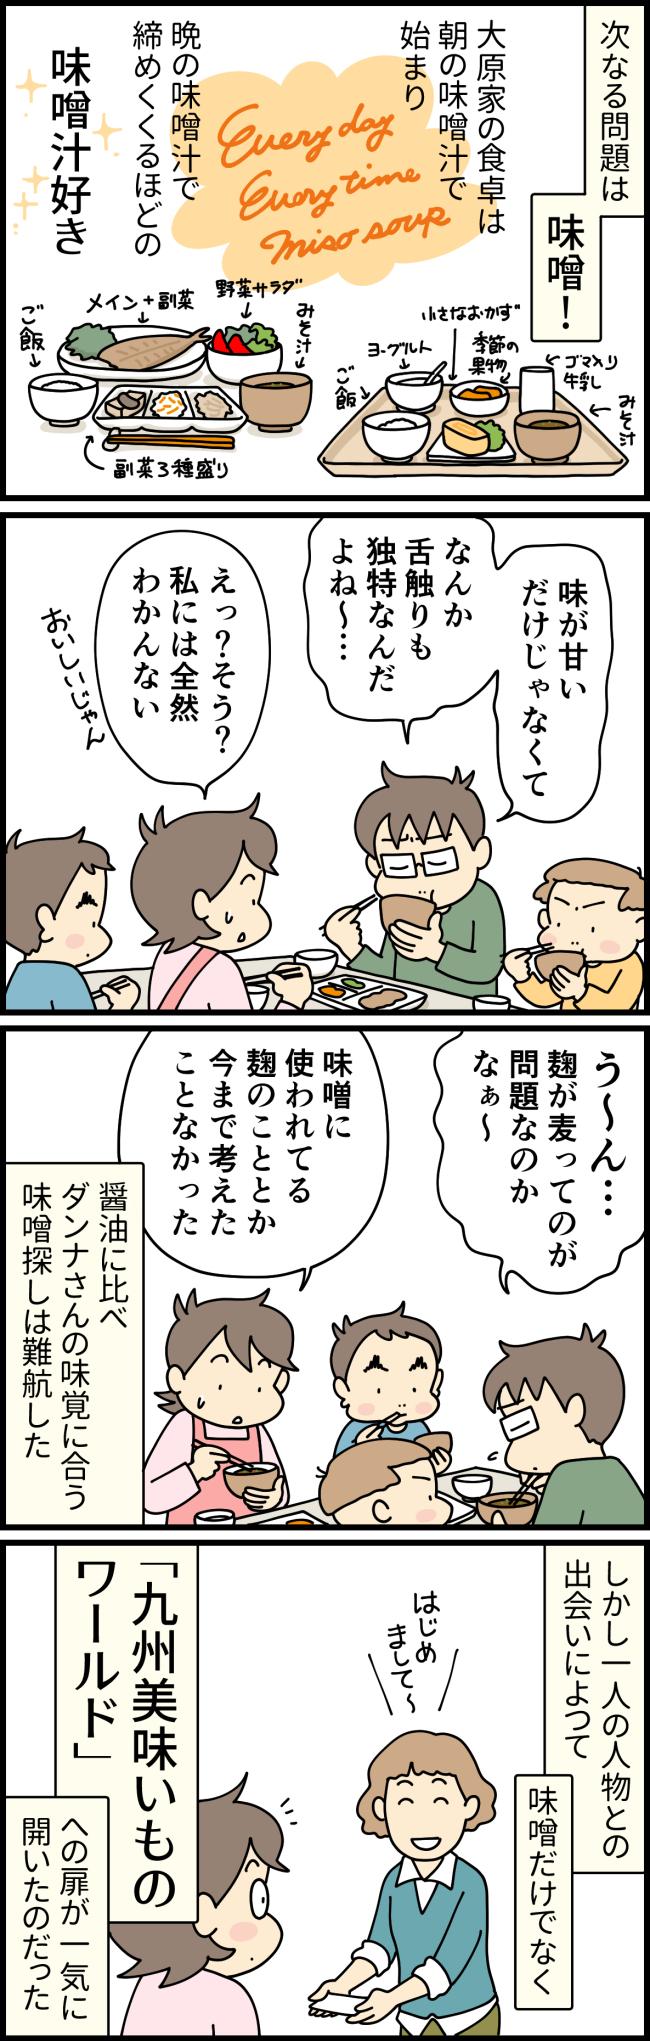 九州独特の甘いお味噌がどうにも口に合わないと嘆く大原由軌子のダンナさんと、九州の美味しいものワールドの扉を開いてくれた人物との出会い